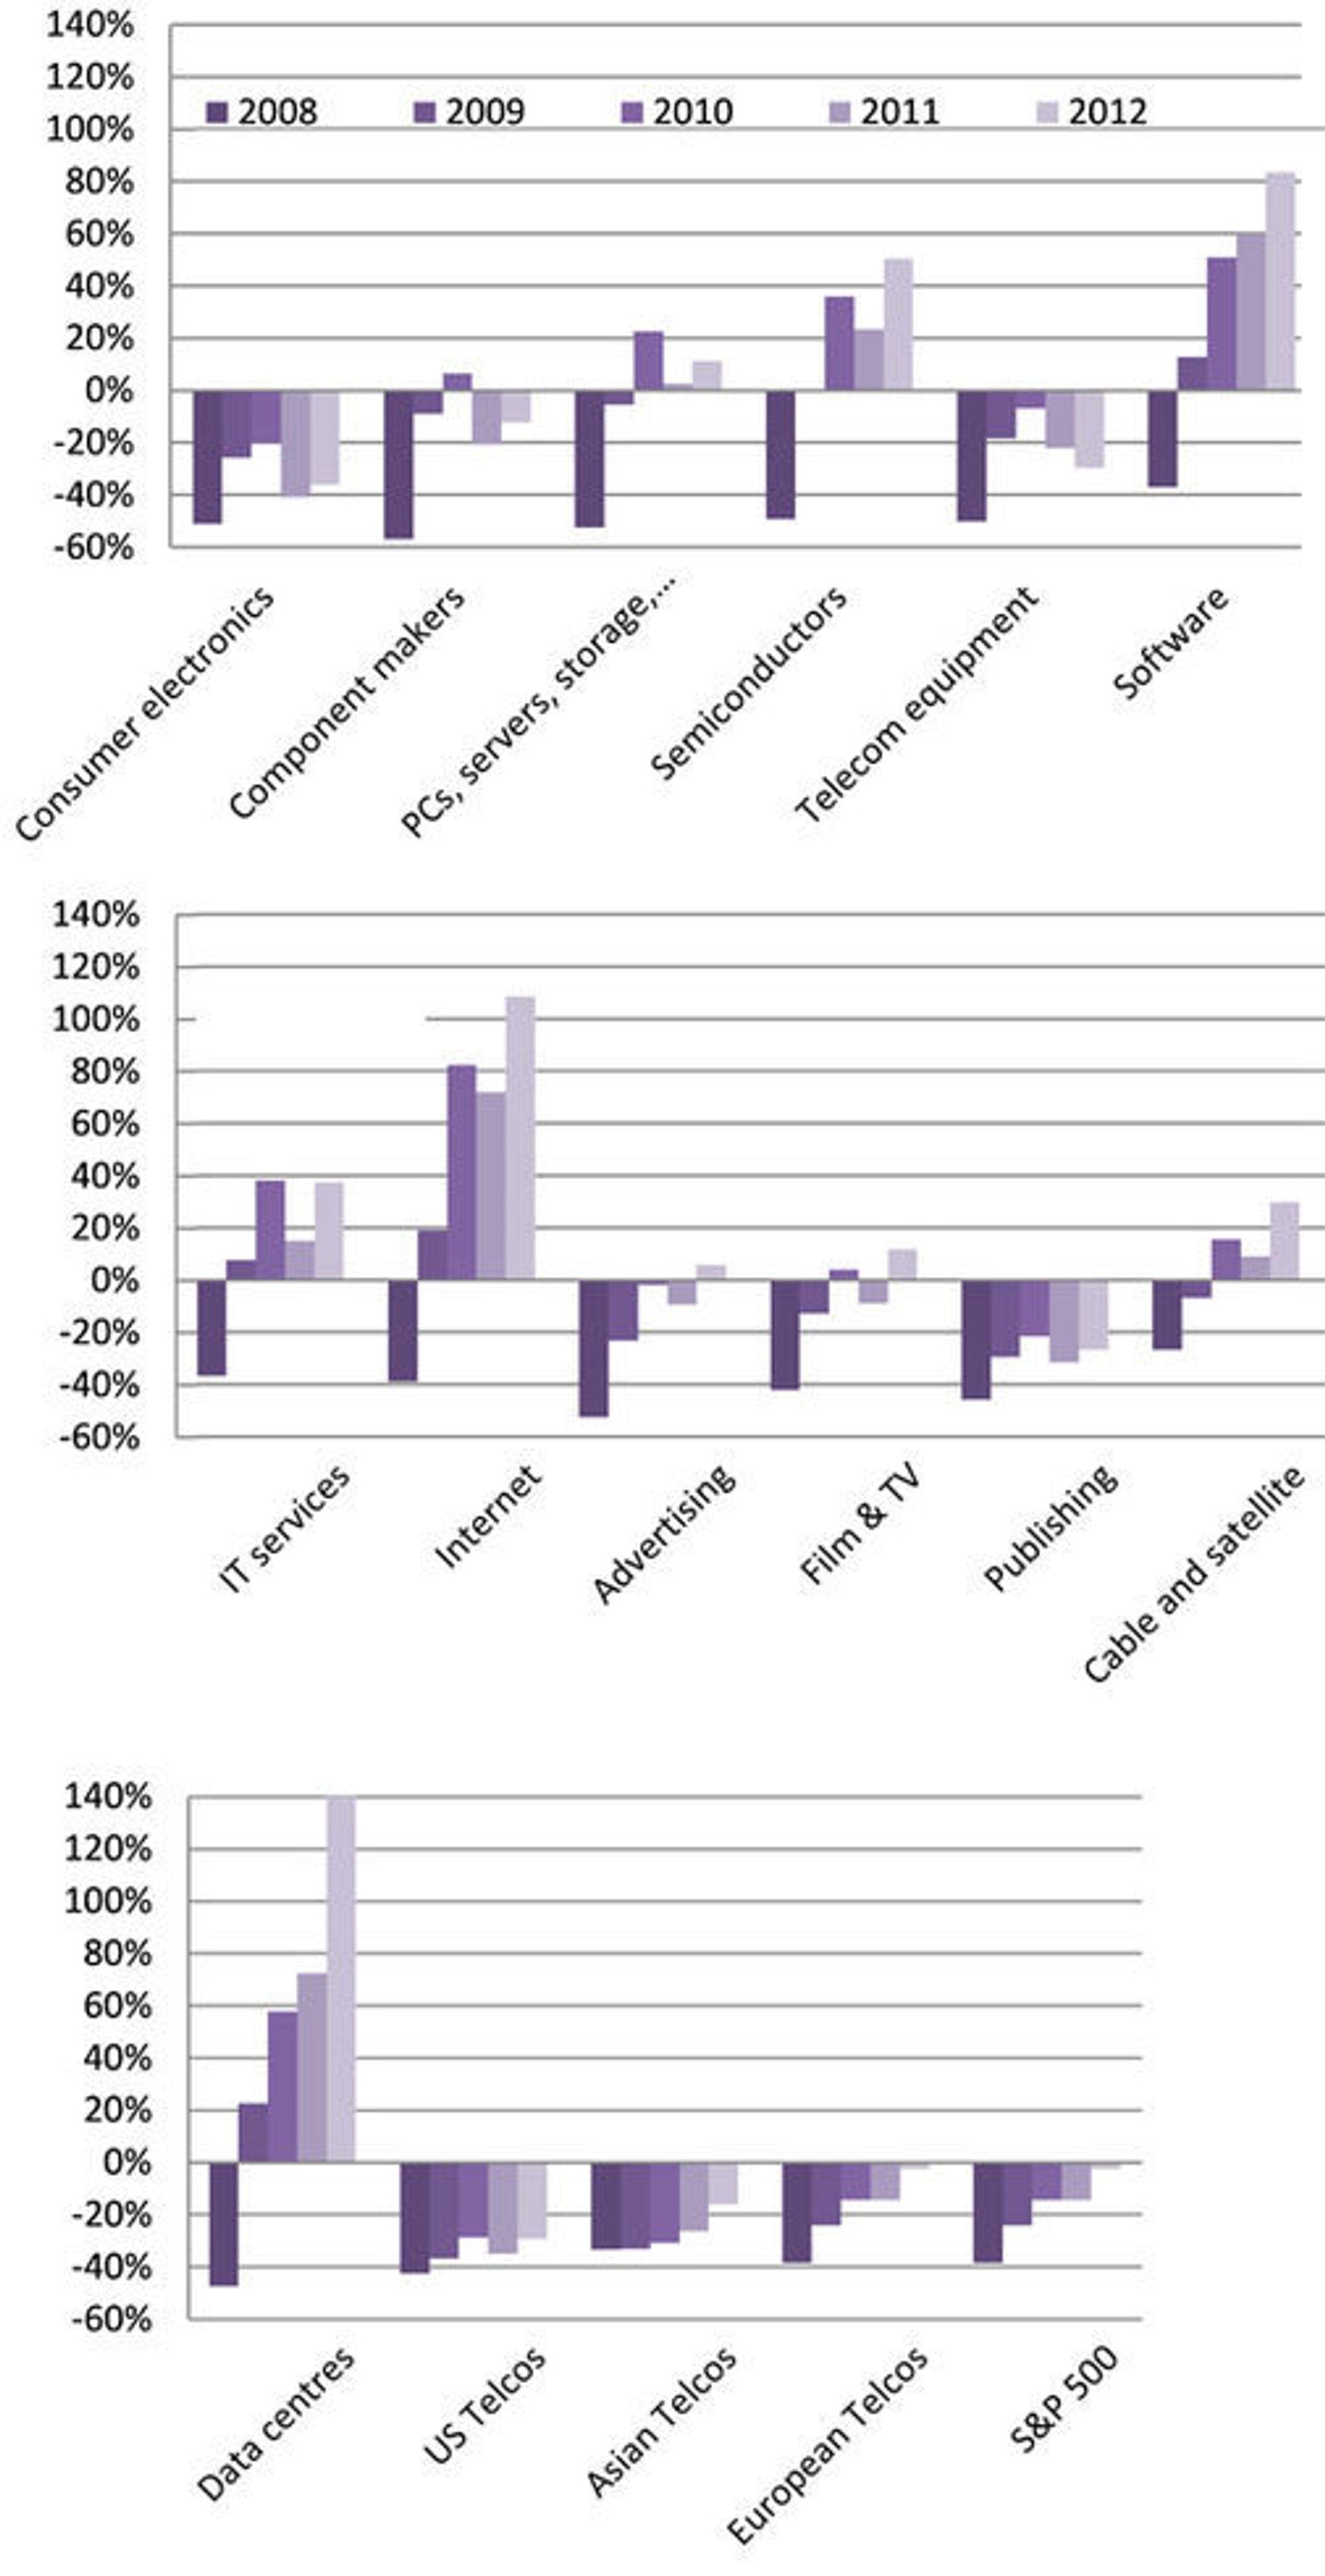 Kumulert aksjekursutvikling fra 1. januar 2008 til 19. september 2012 for 16 sektorer innen TMT (teknologi, medier, telekom). Kilde: Selskapsdata, Financial Times, Bloomberg, CM Research.